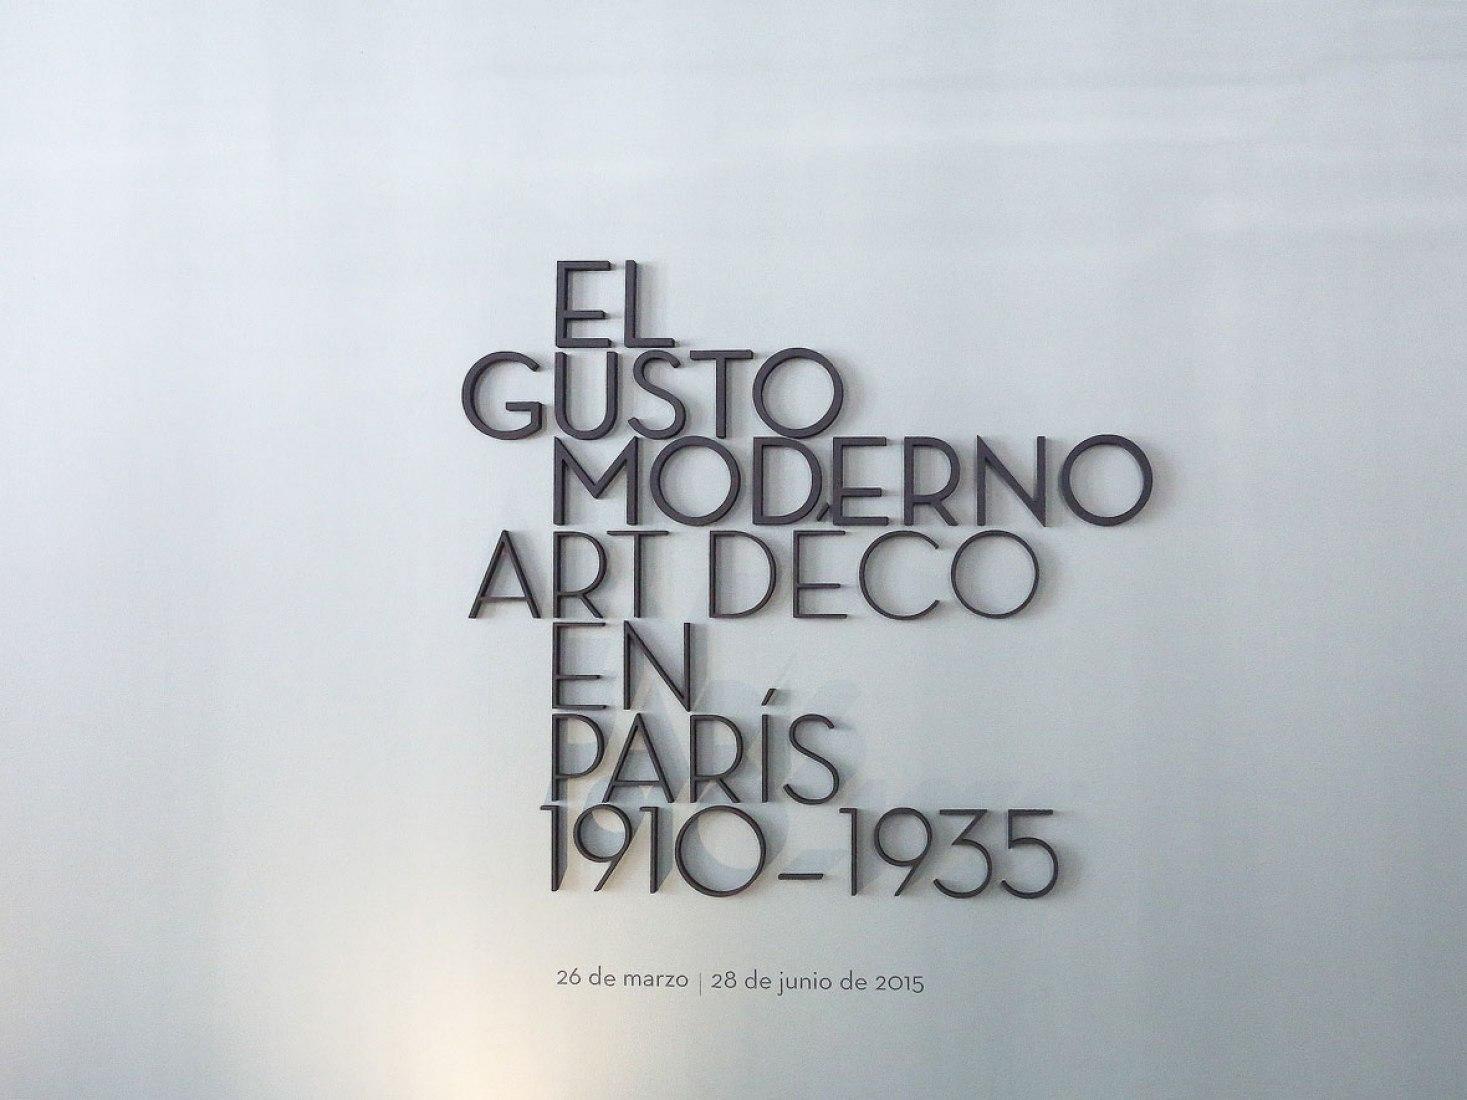 El gusto moderno. Art Déco en París, 1910-1935: exposición en Fundación Juan March, Madrid. Fotografía © Cortesía Fundación Juan March.